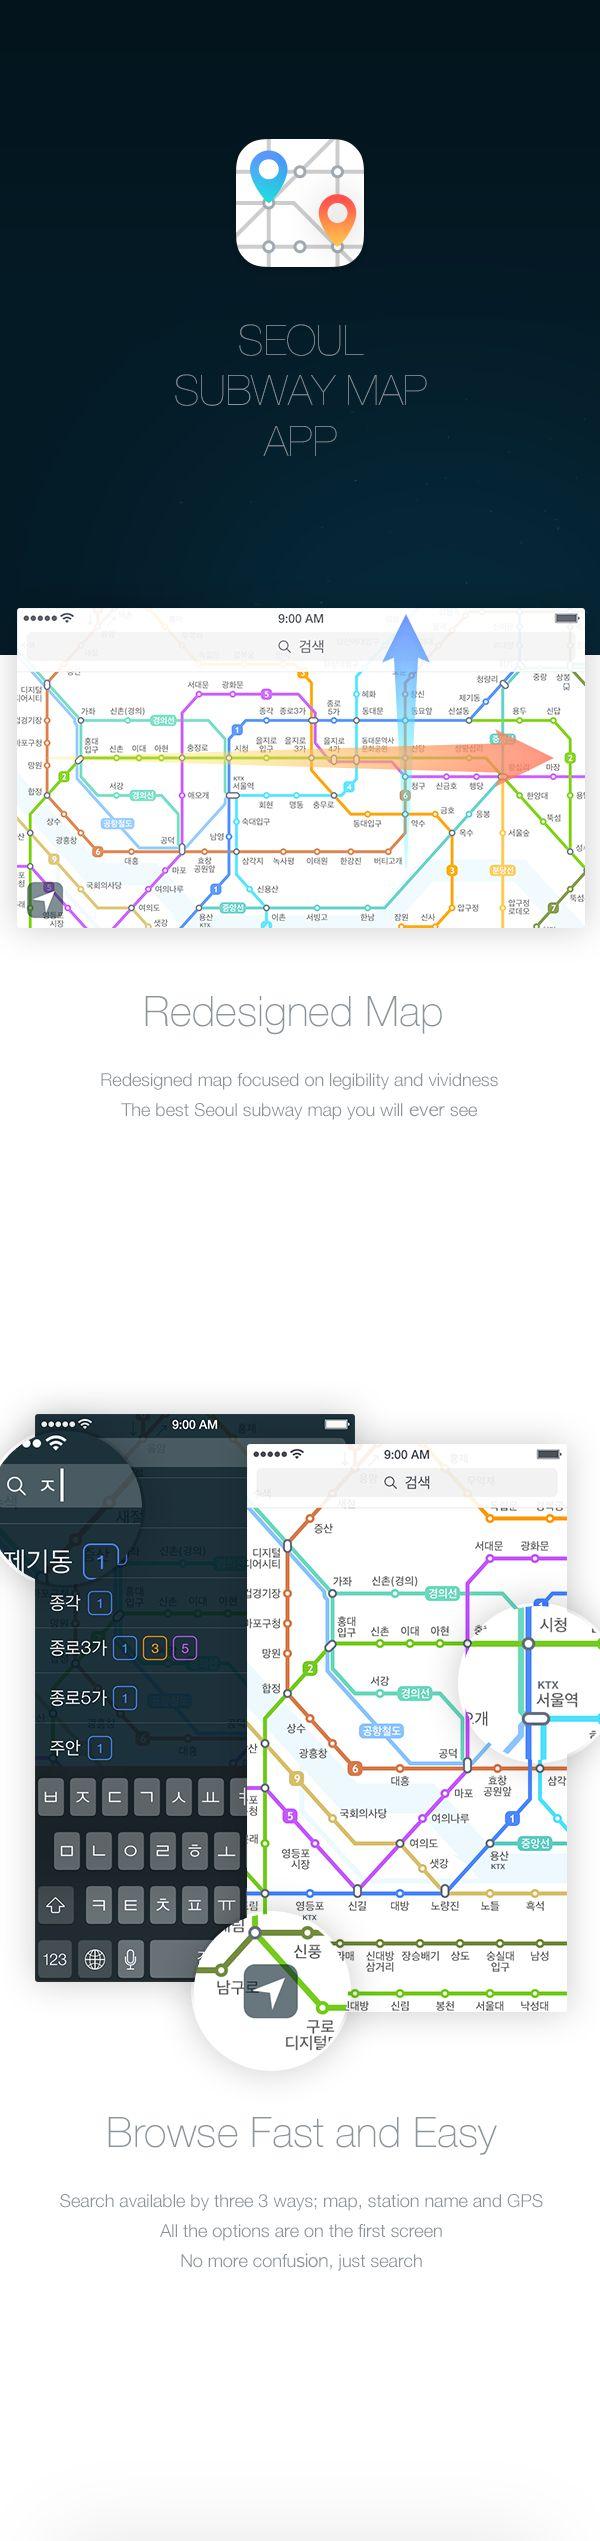 Seoul Subway Map App by heeyeun jeong, via Behance